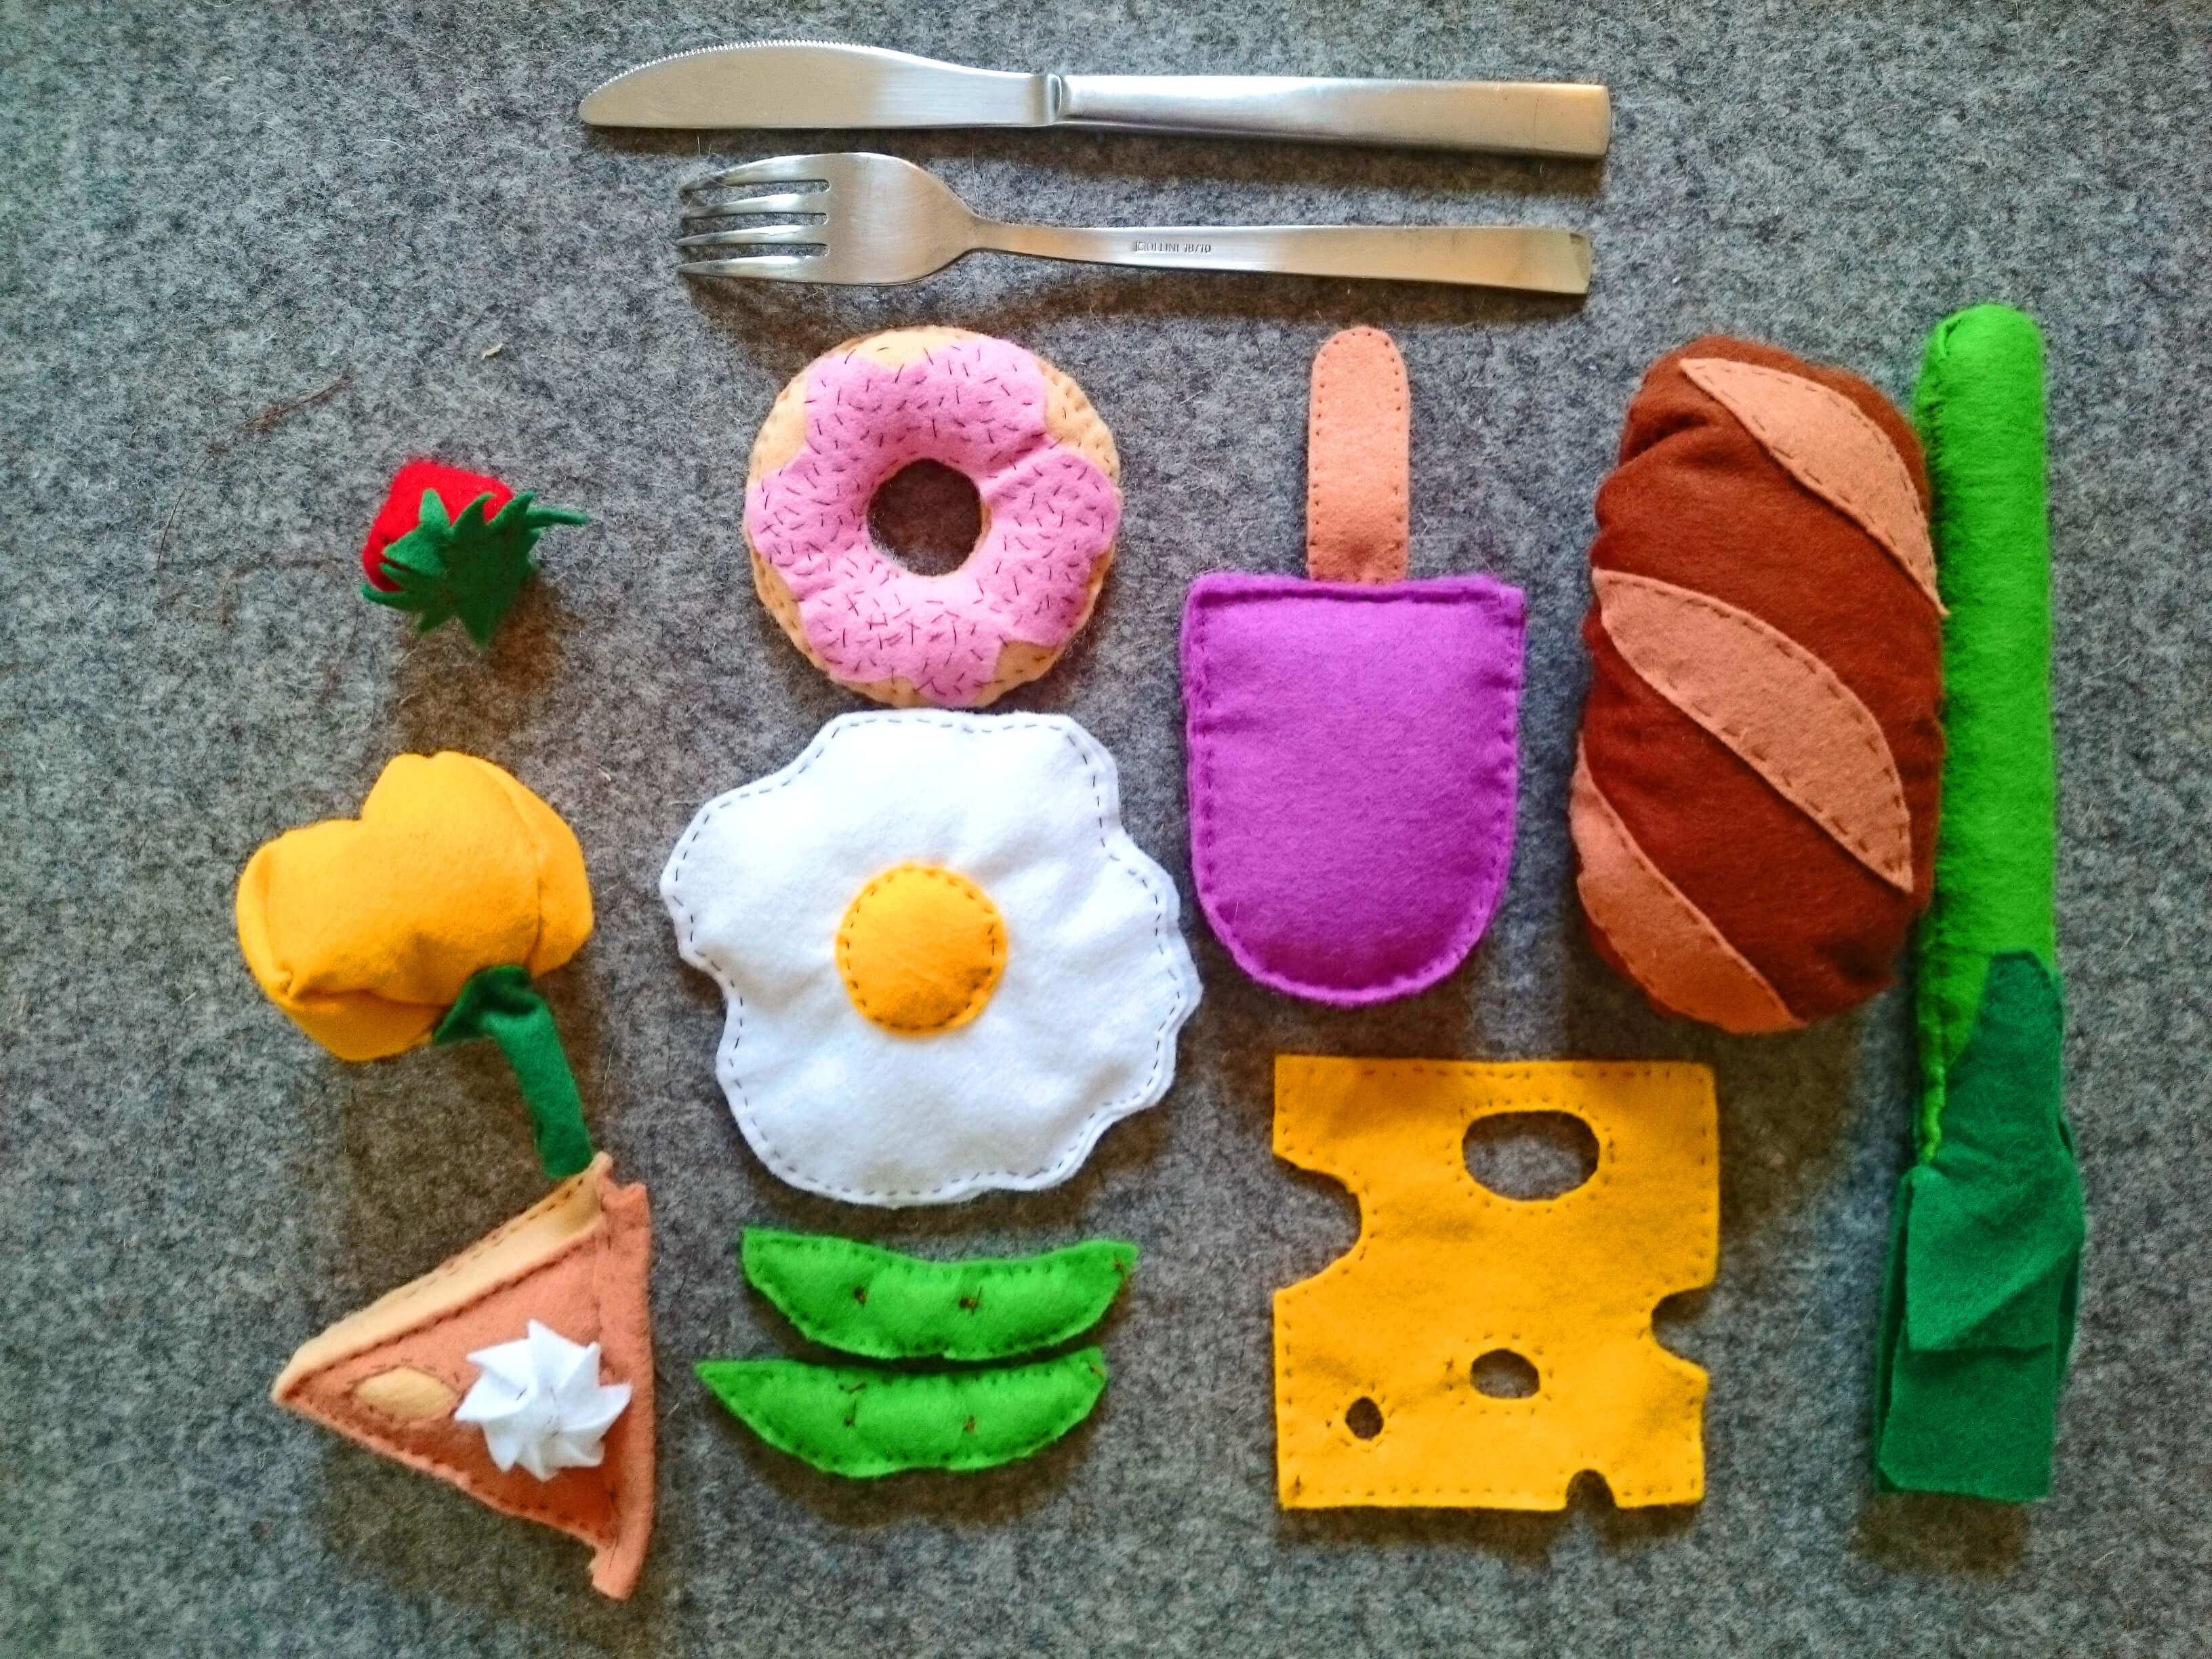 geschenkidee f r kleinkinder essen aus filz kleinkinder freundeskreis und filz. Black Bedroom Furniture Sets. Home Design Ideas